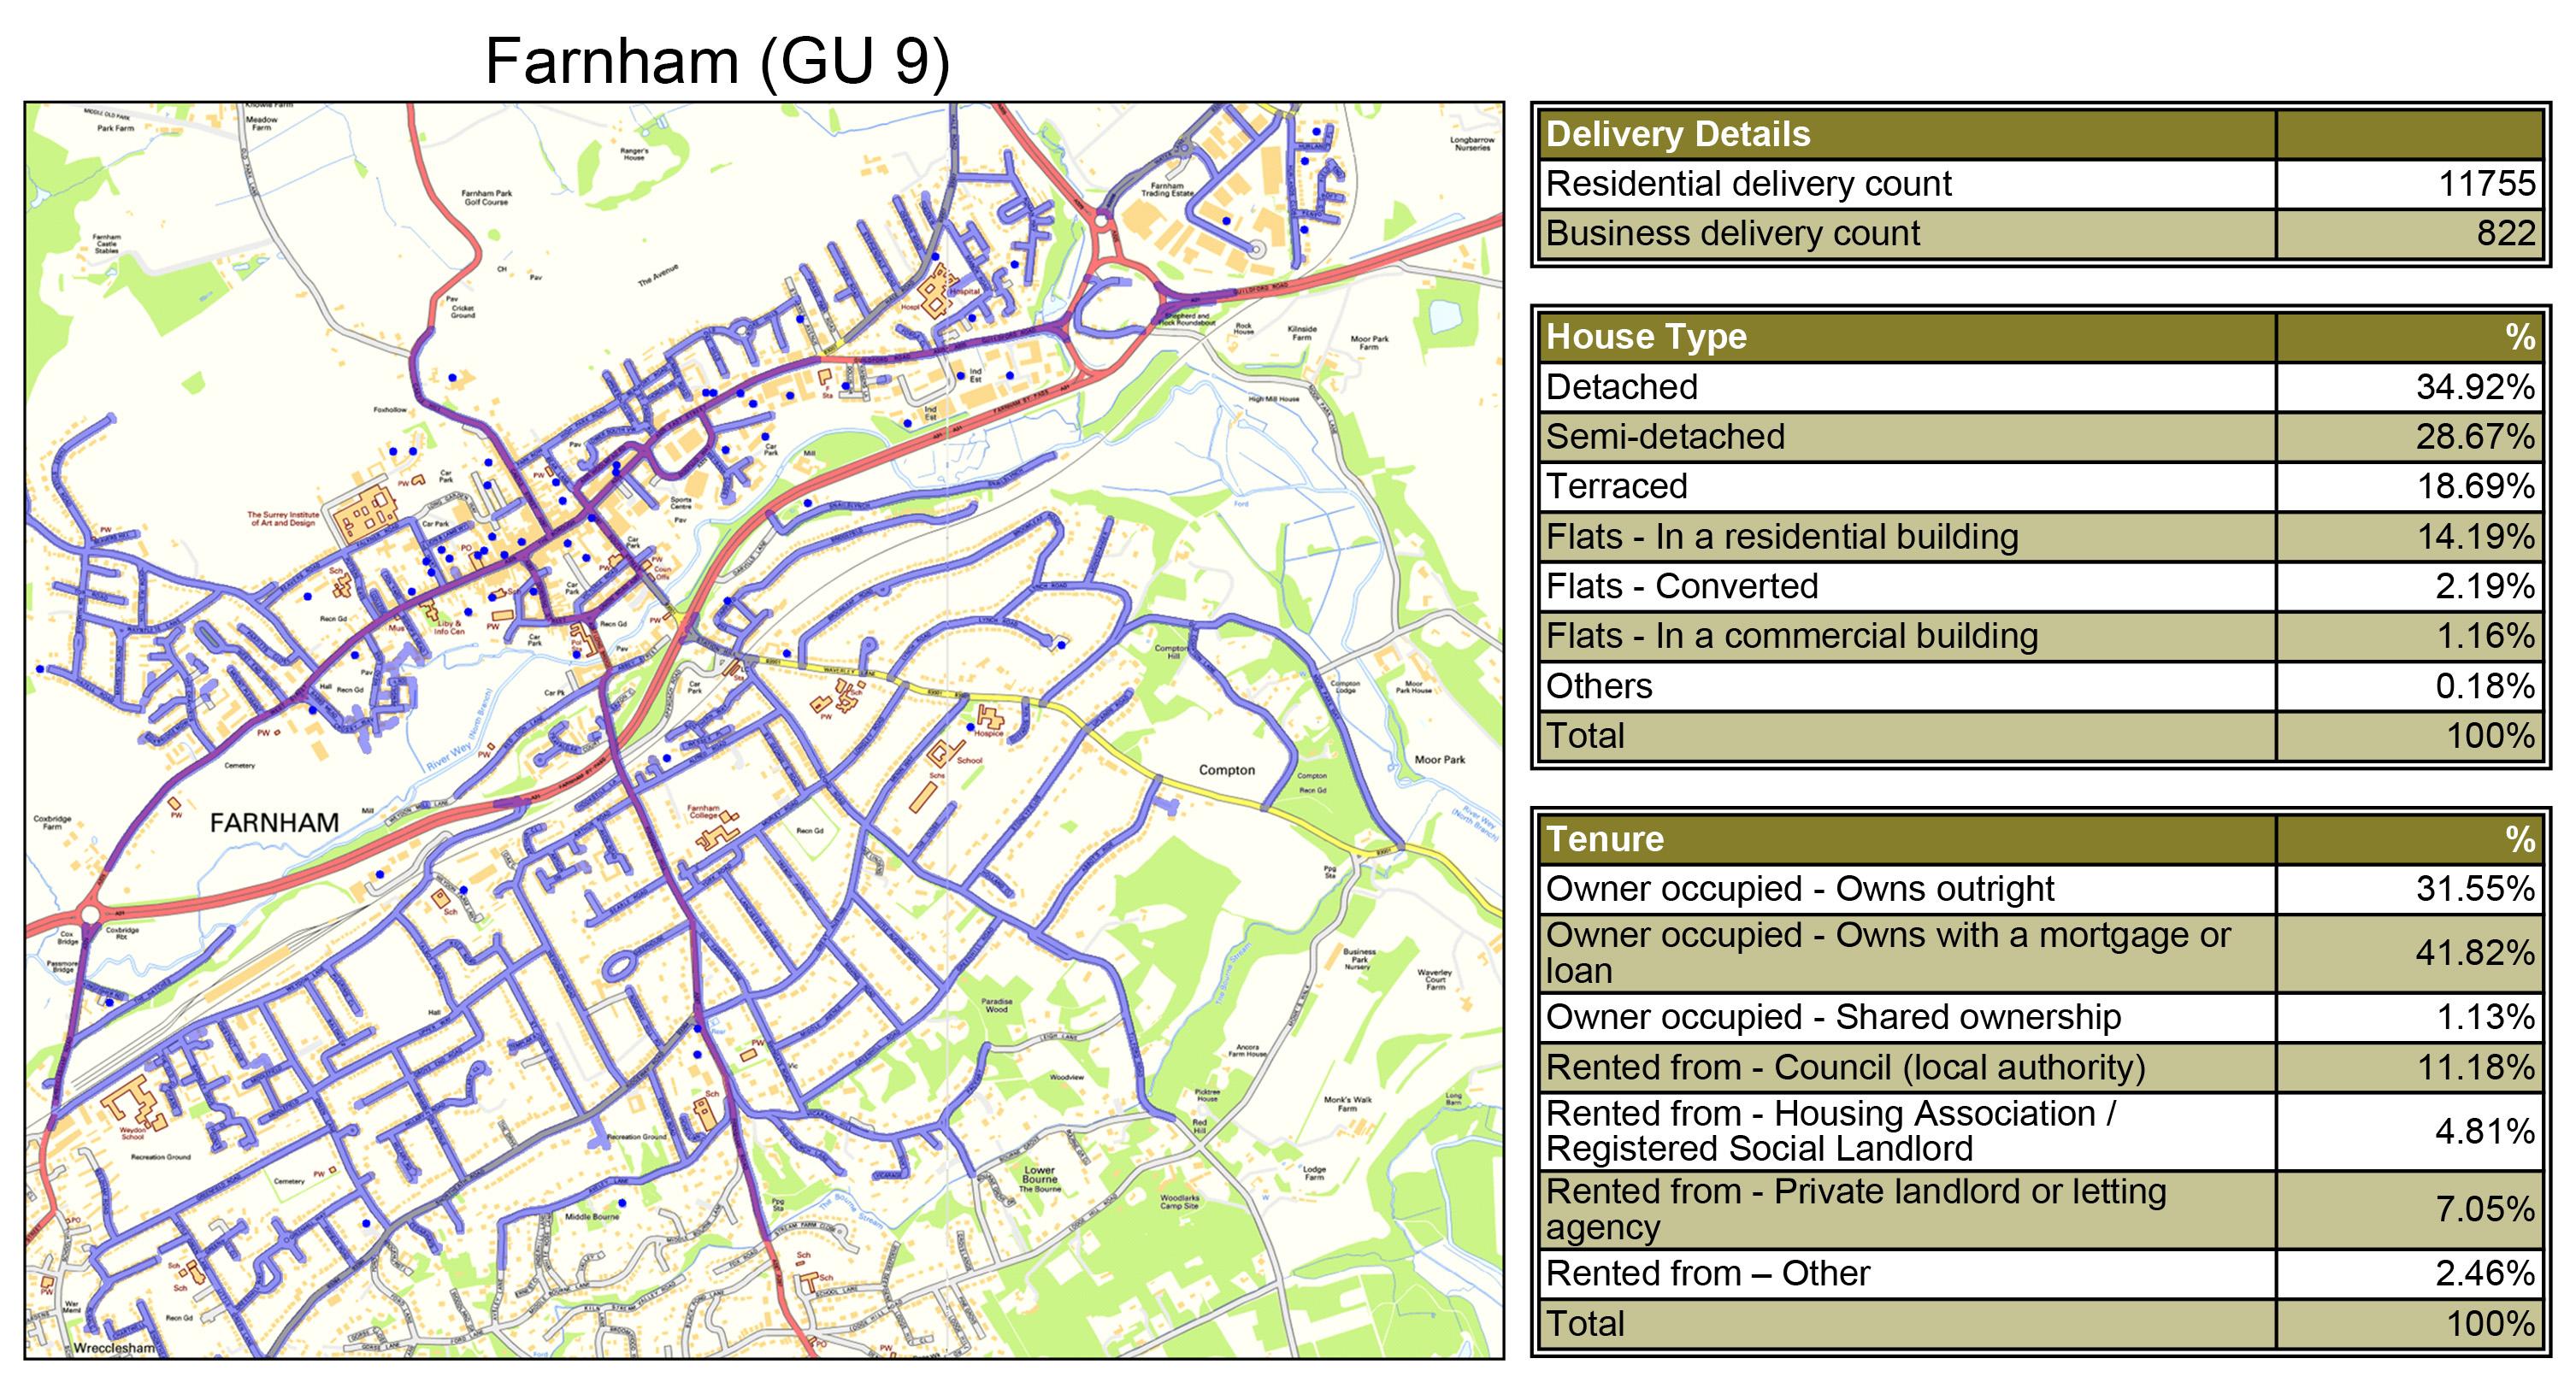 Leaflet Distribution Farnham - Geoplan Image